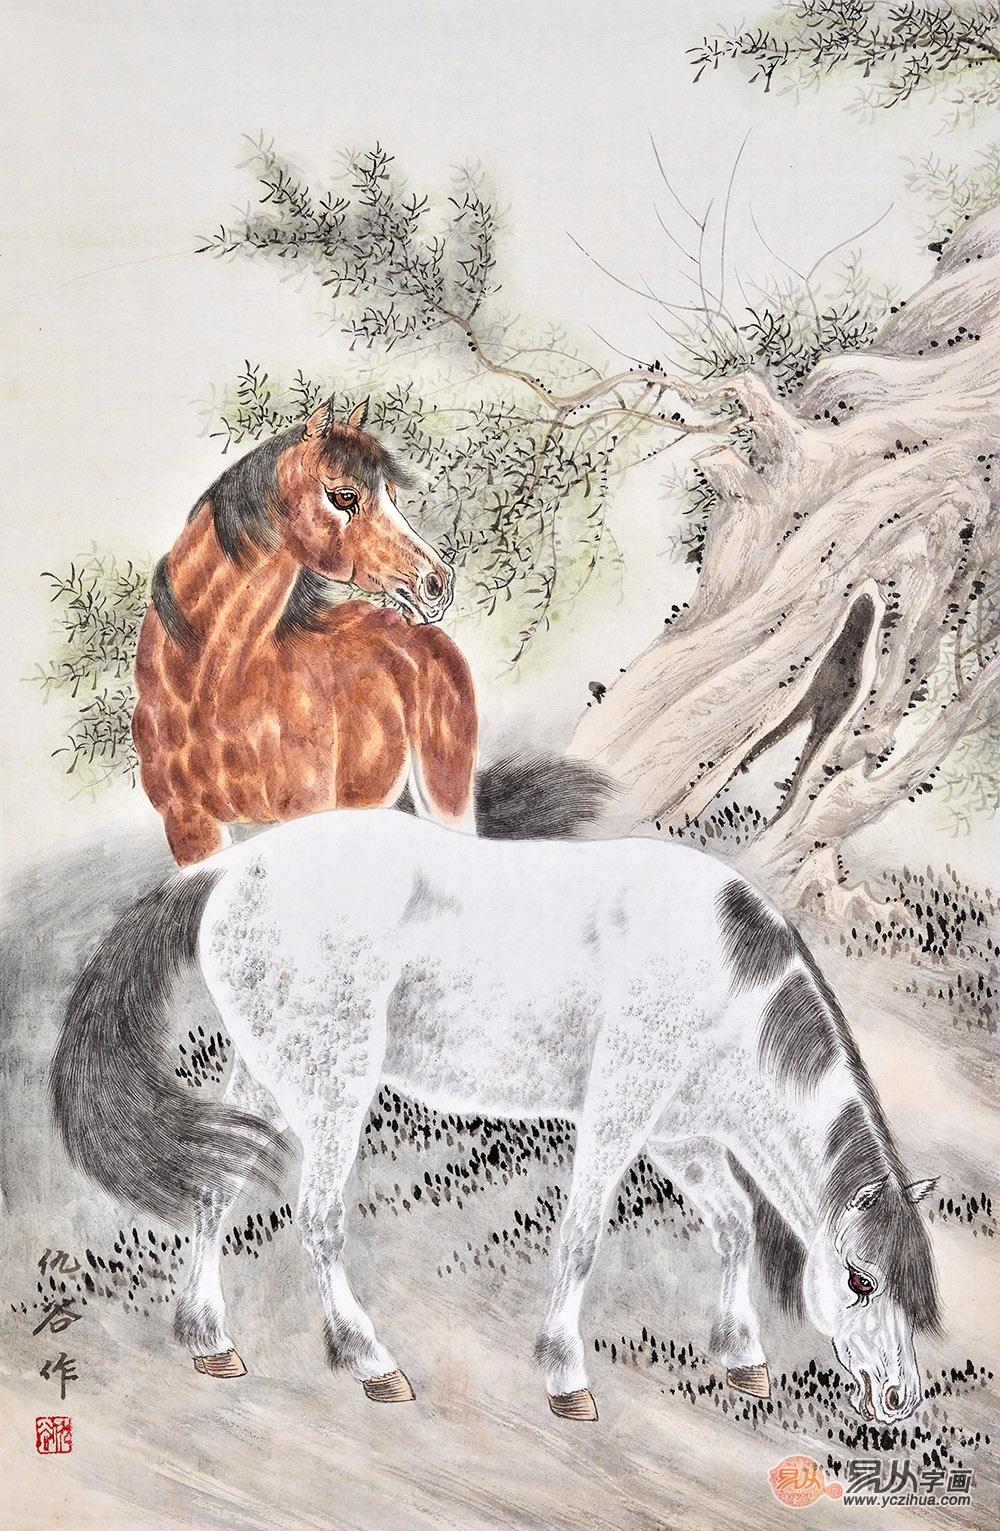 仇谷四尺三裁竖幅工笔动物画作品《双骏图》